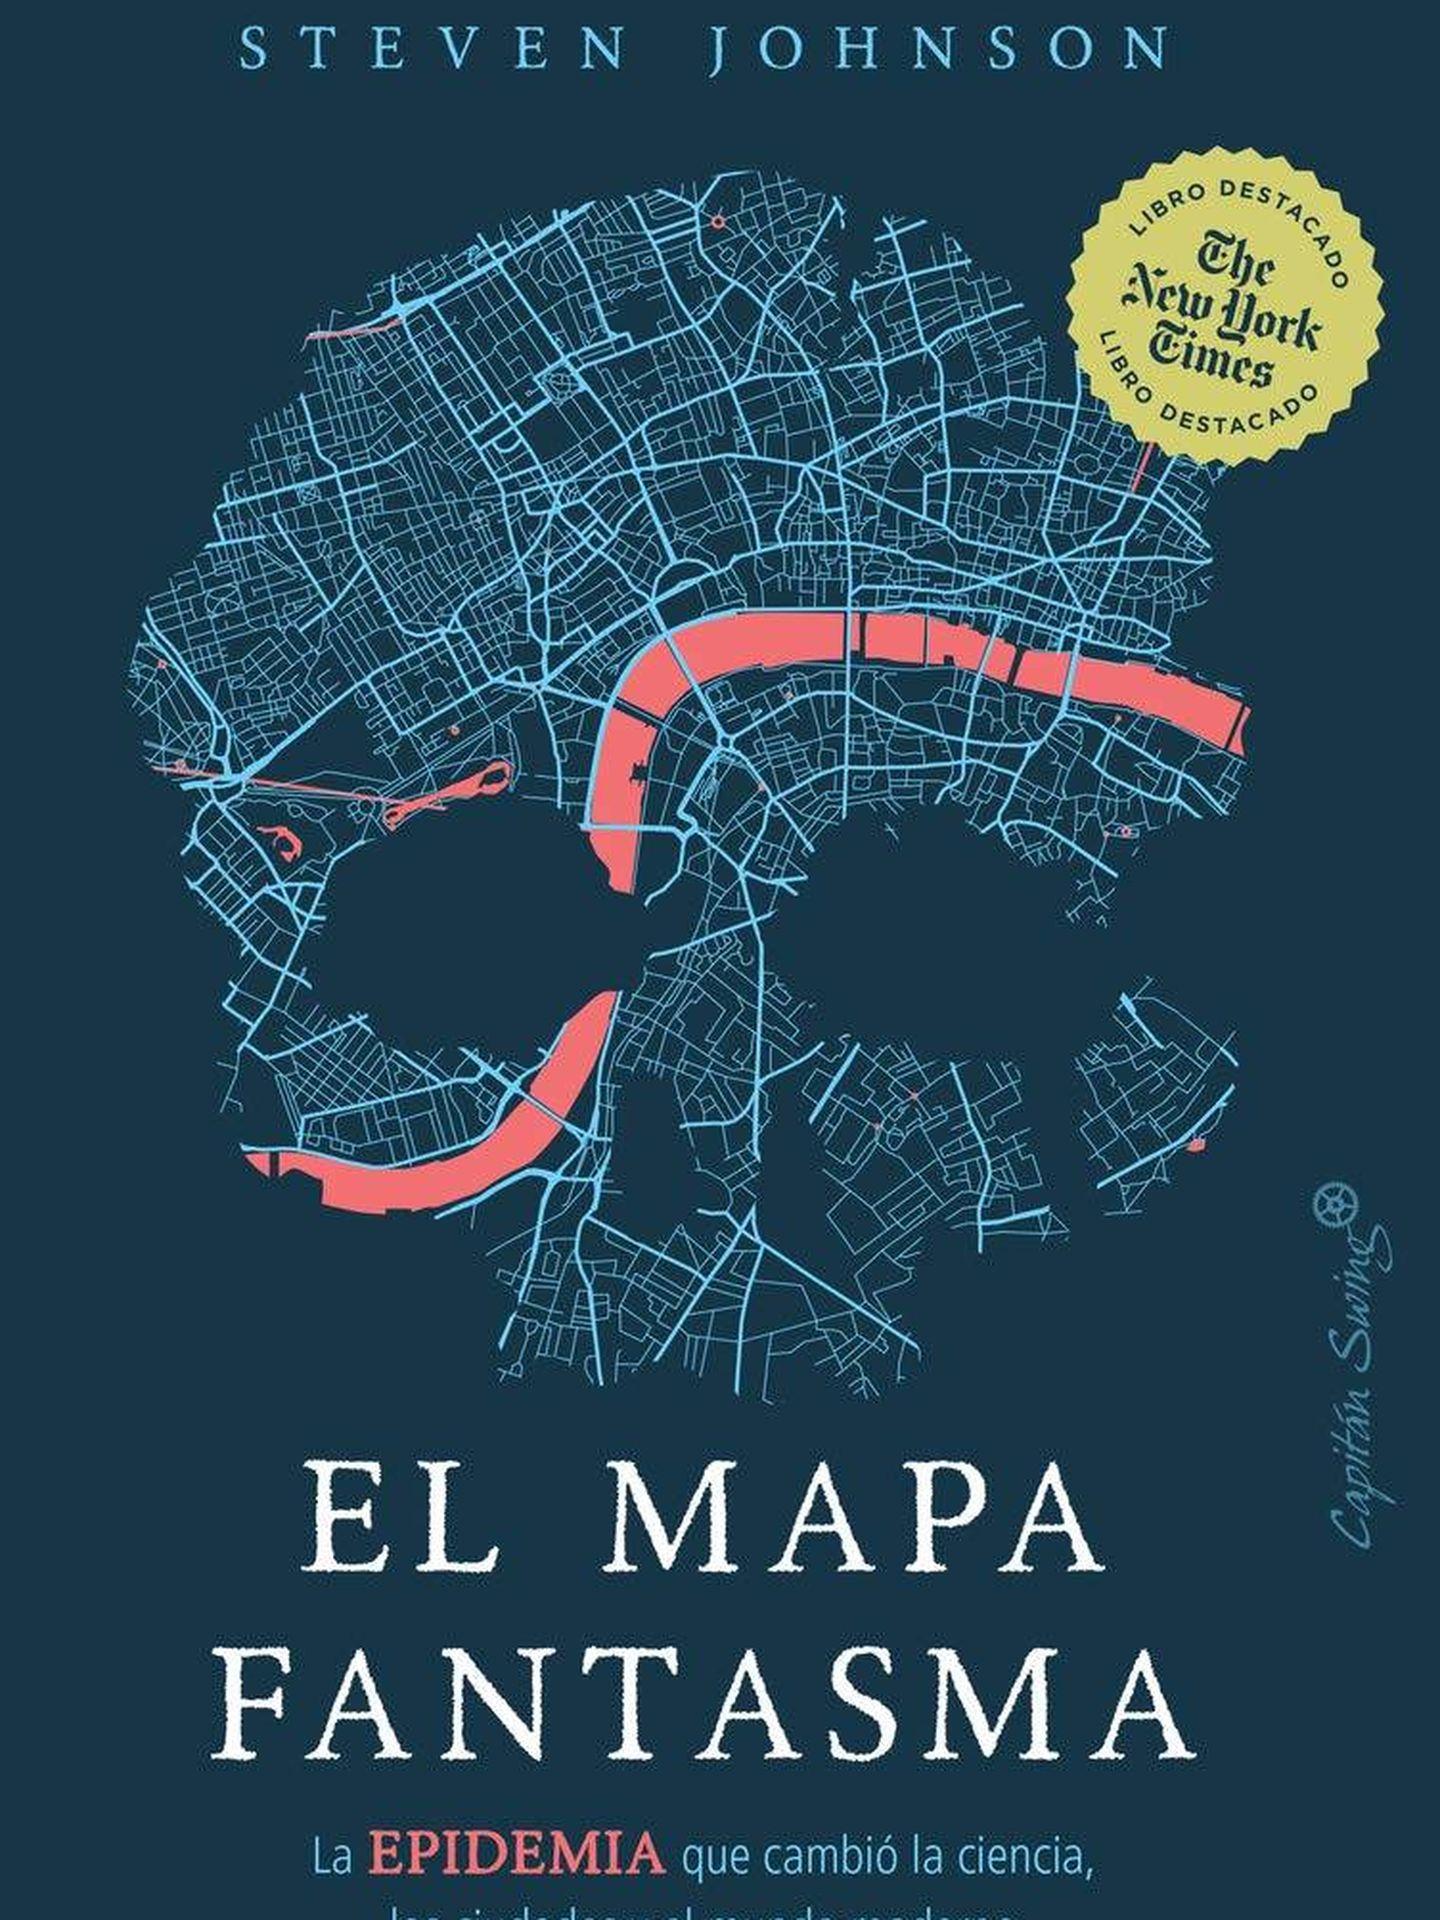 'El mapa fantasma' (Capitán Swing).